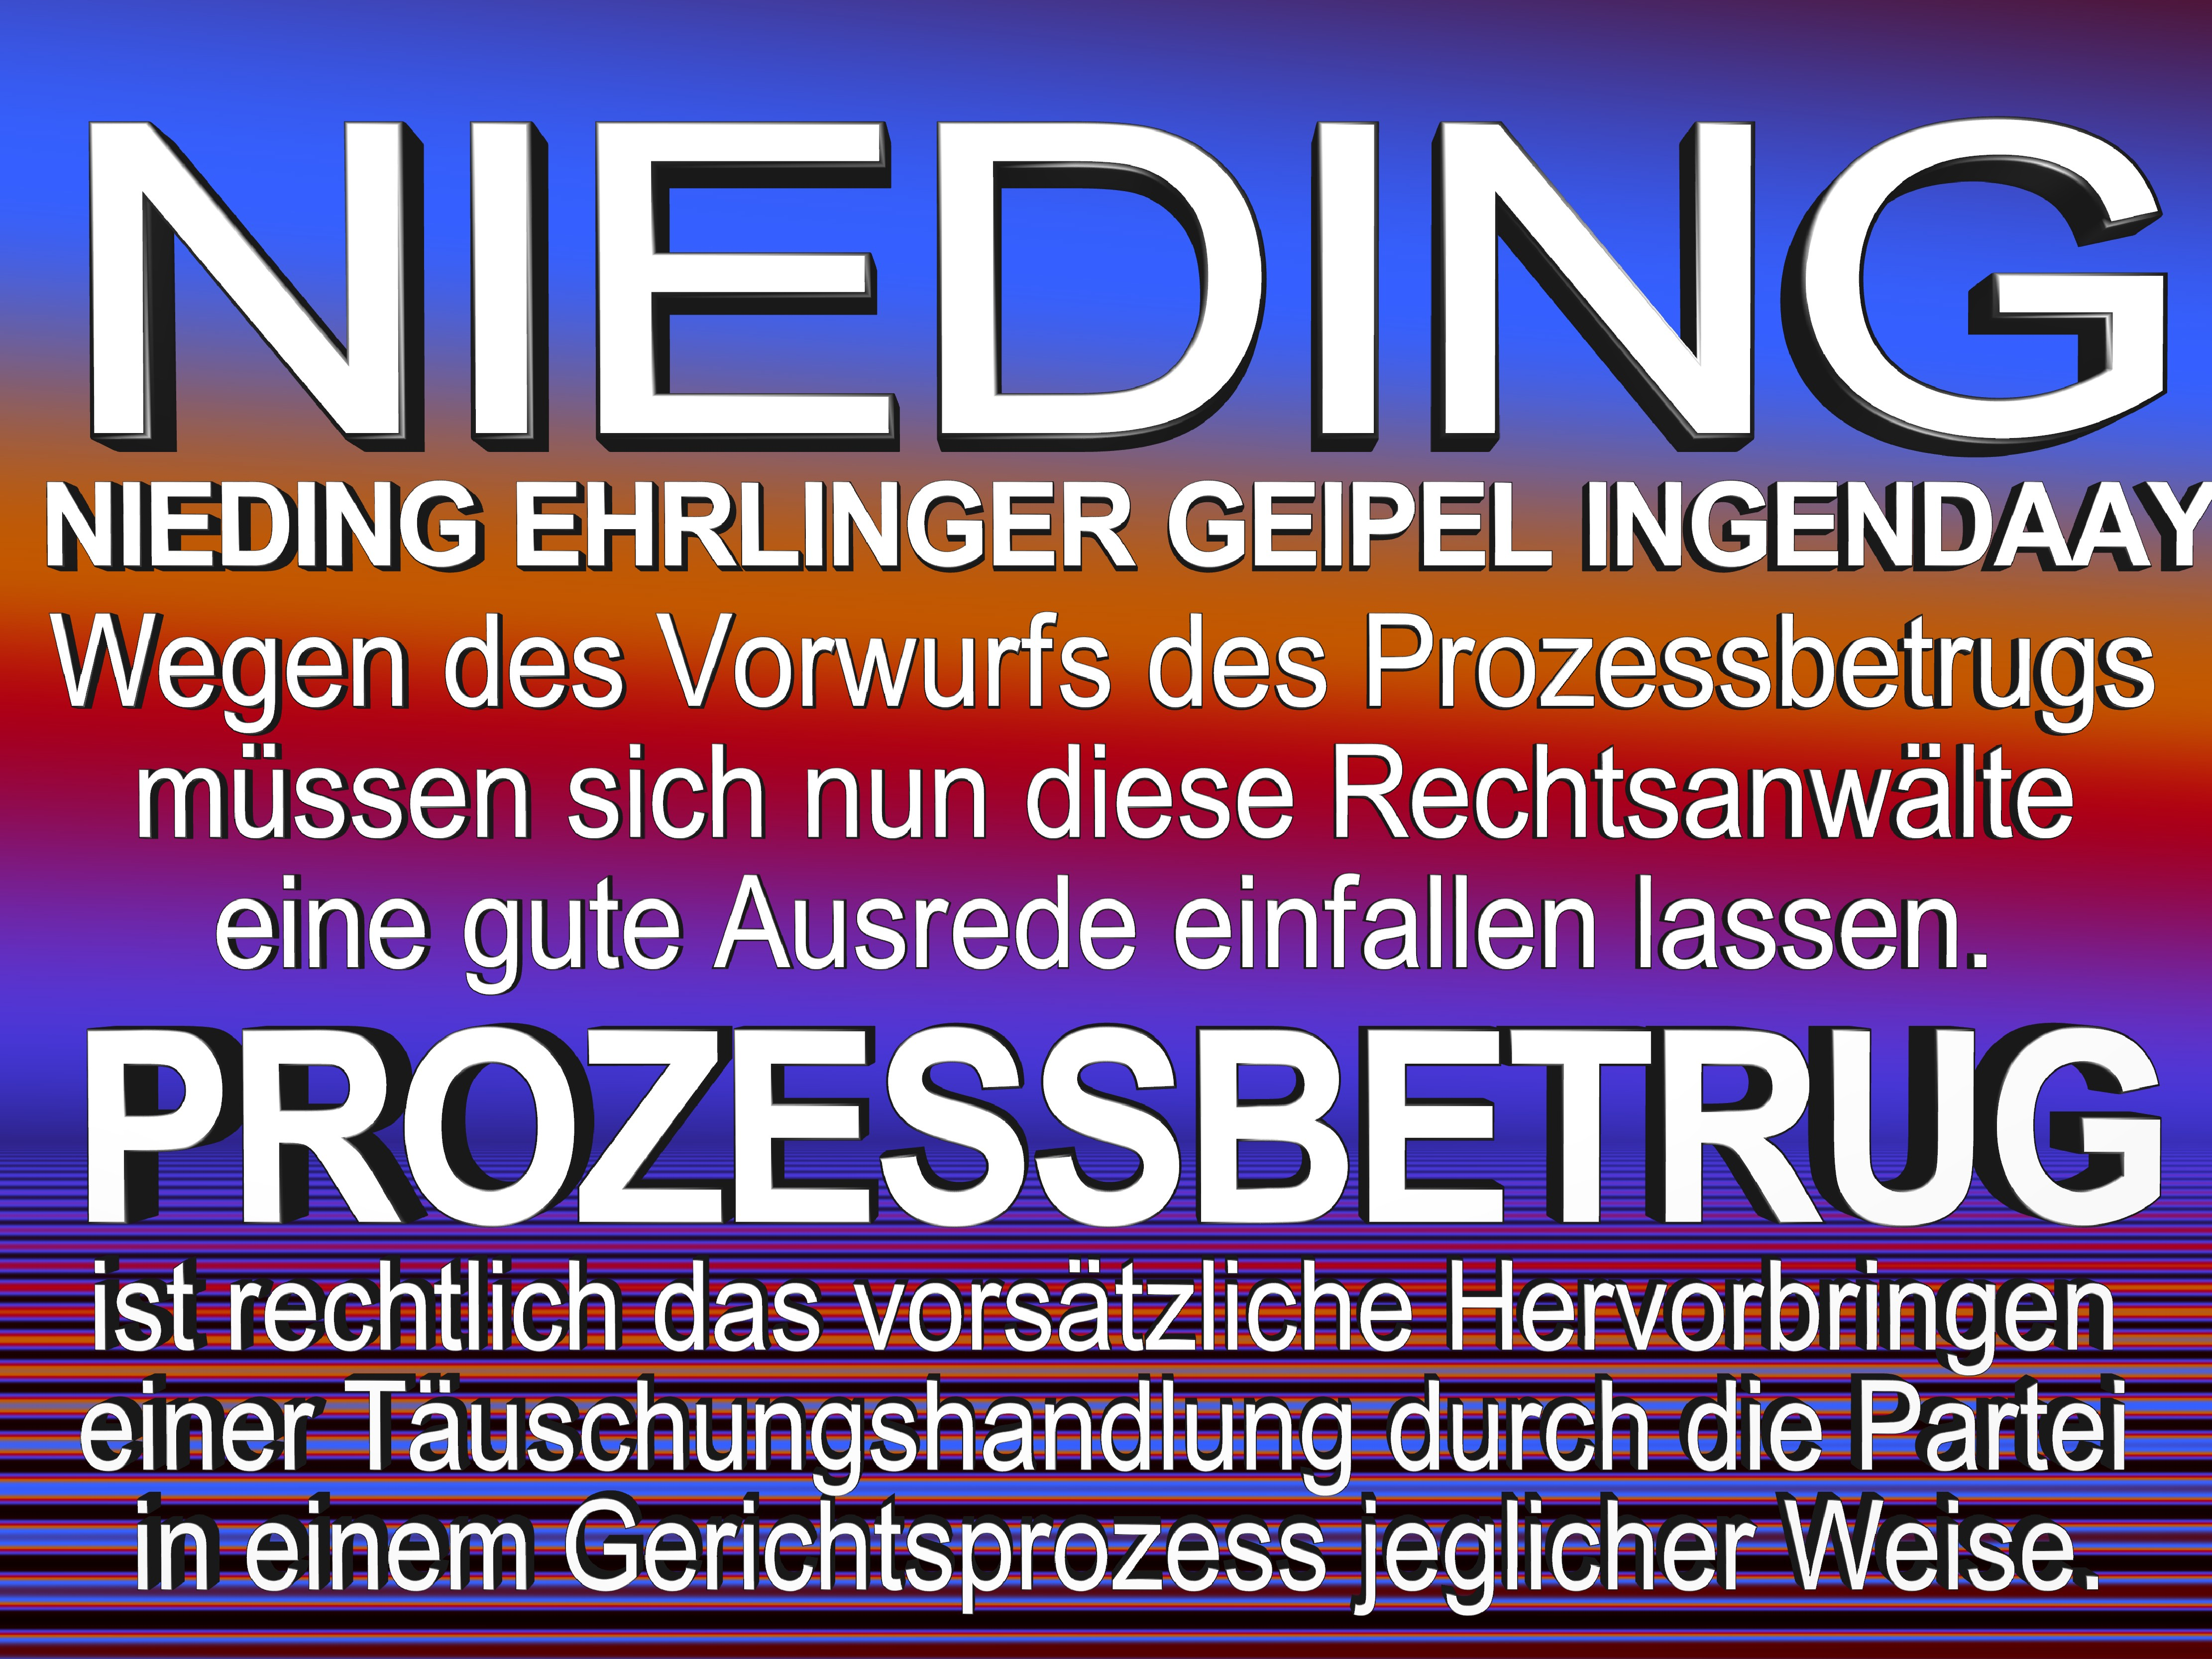 NIEDING EHRLINGER GEIPEL INGENDAAY LELKE Kurfürstendamm 66 Berlin (85)